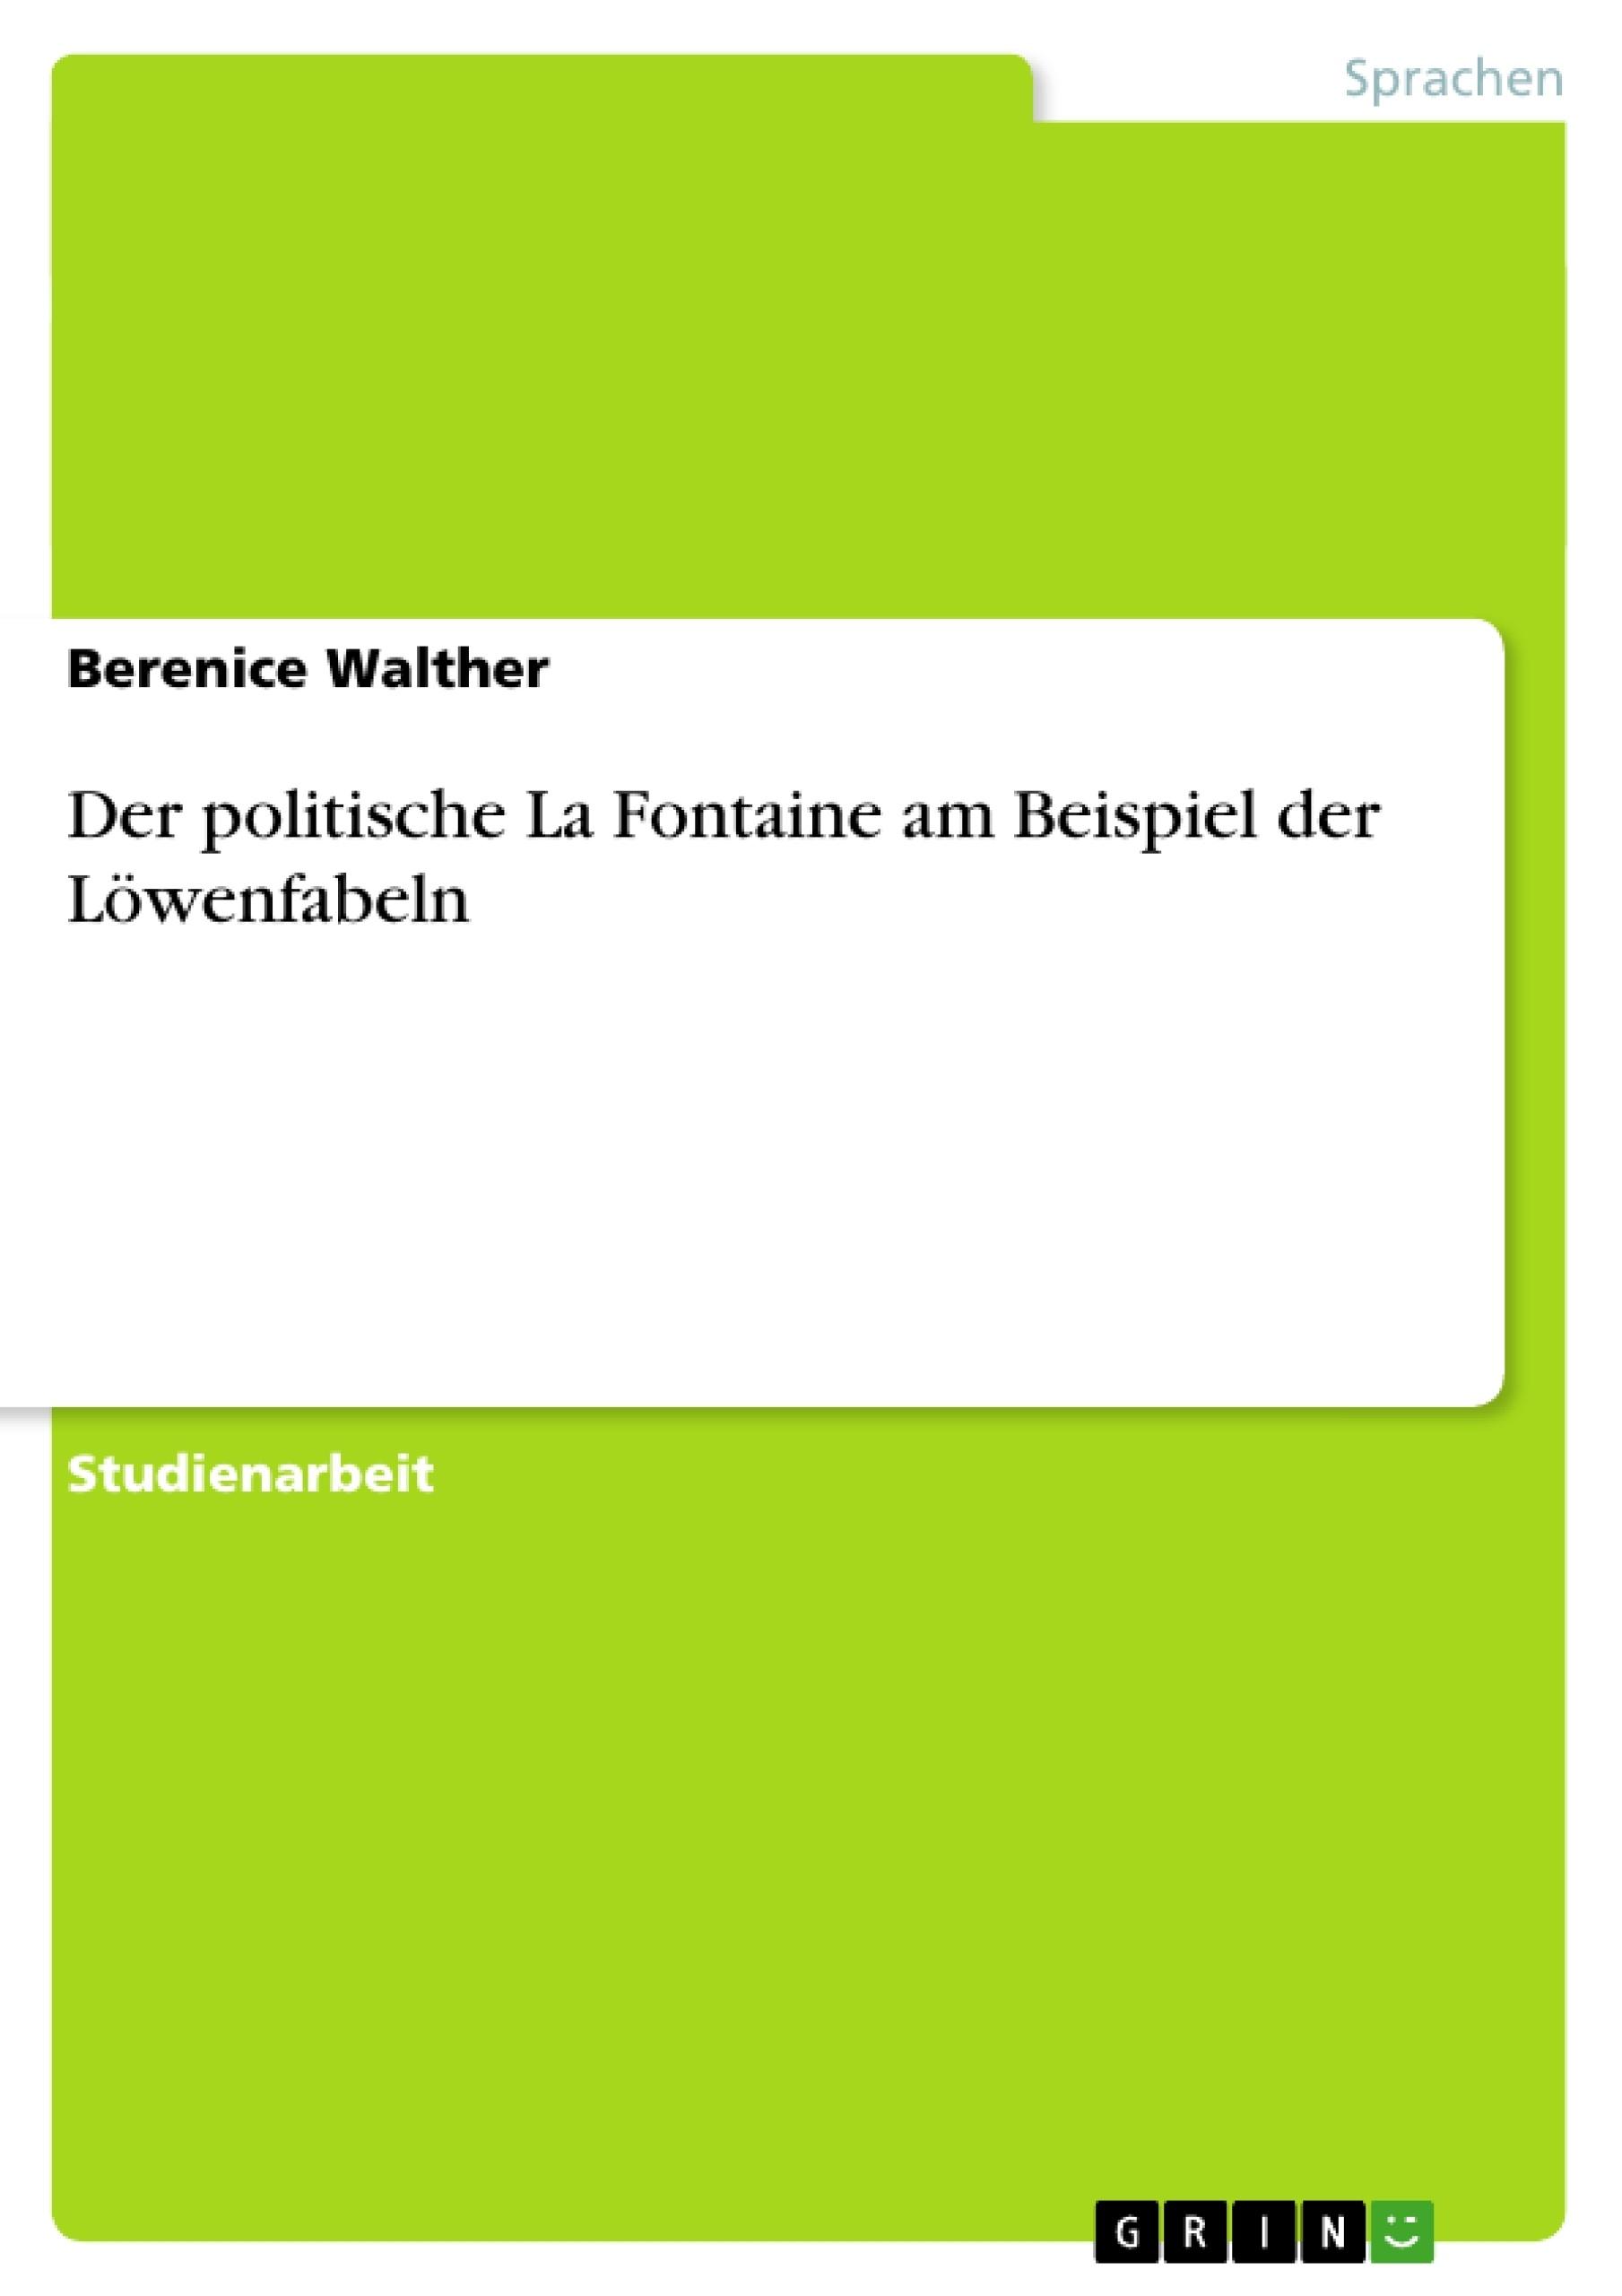 Titel: Der politische La Fontaine am Beispiel der Löwenfabeln